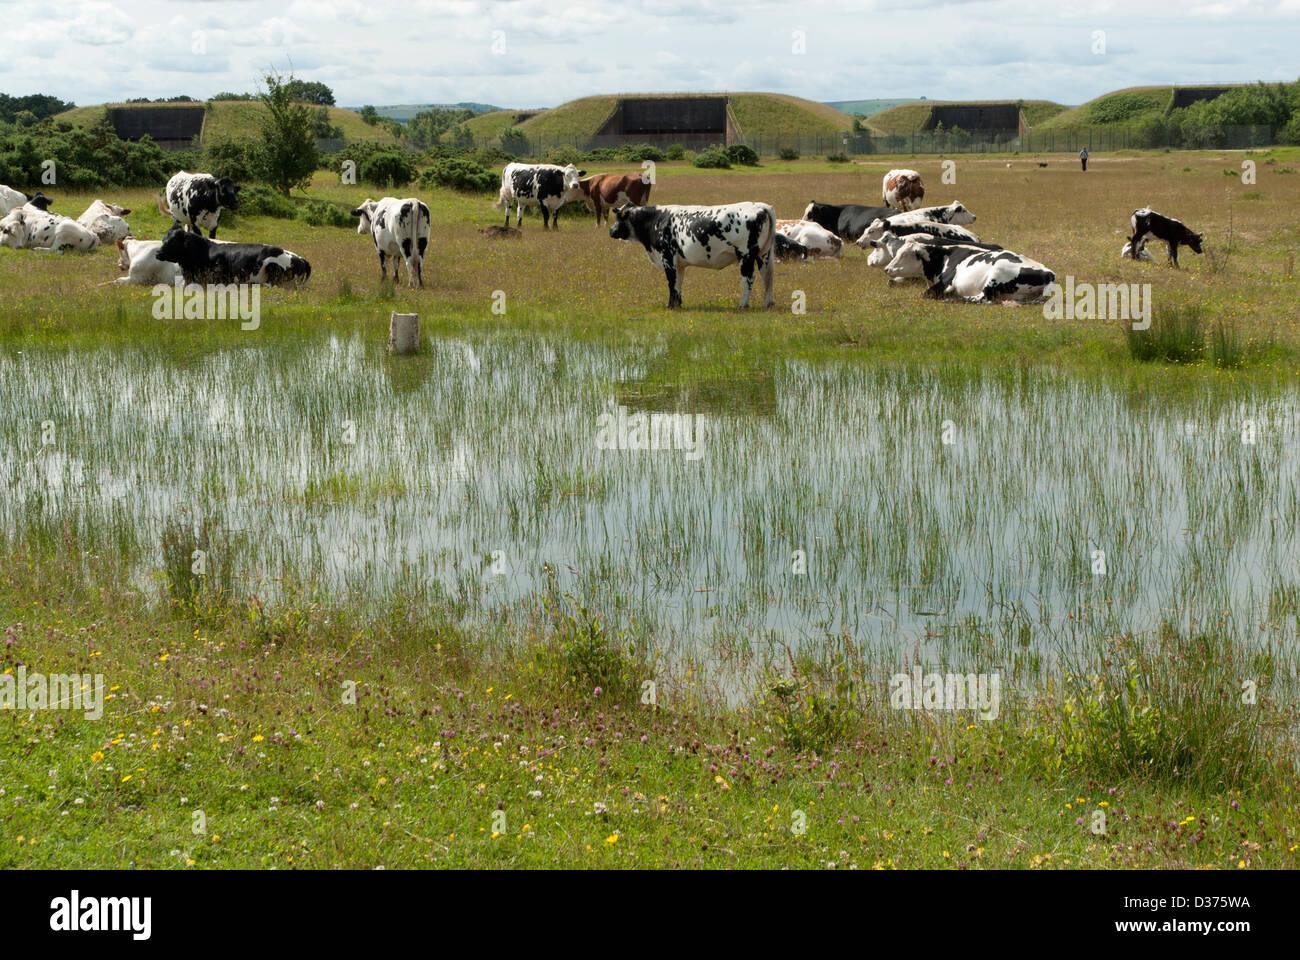 Greenham Common Umweltsanierung: Vieh neben einem Teich mit alten Marschflugkörper Silos hinter West Berkshire, Stockbild